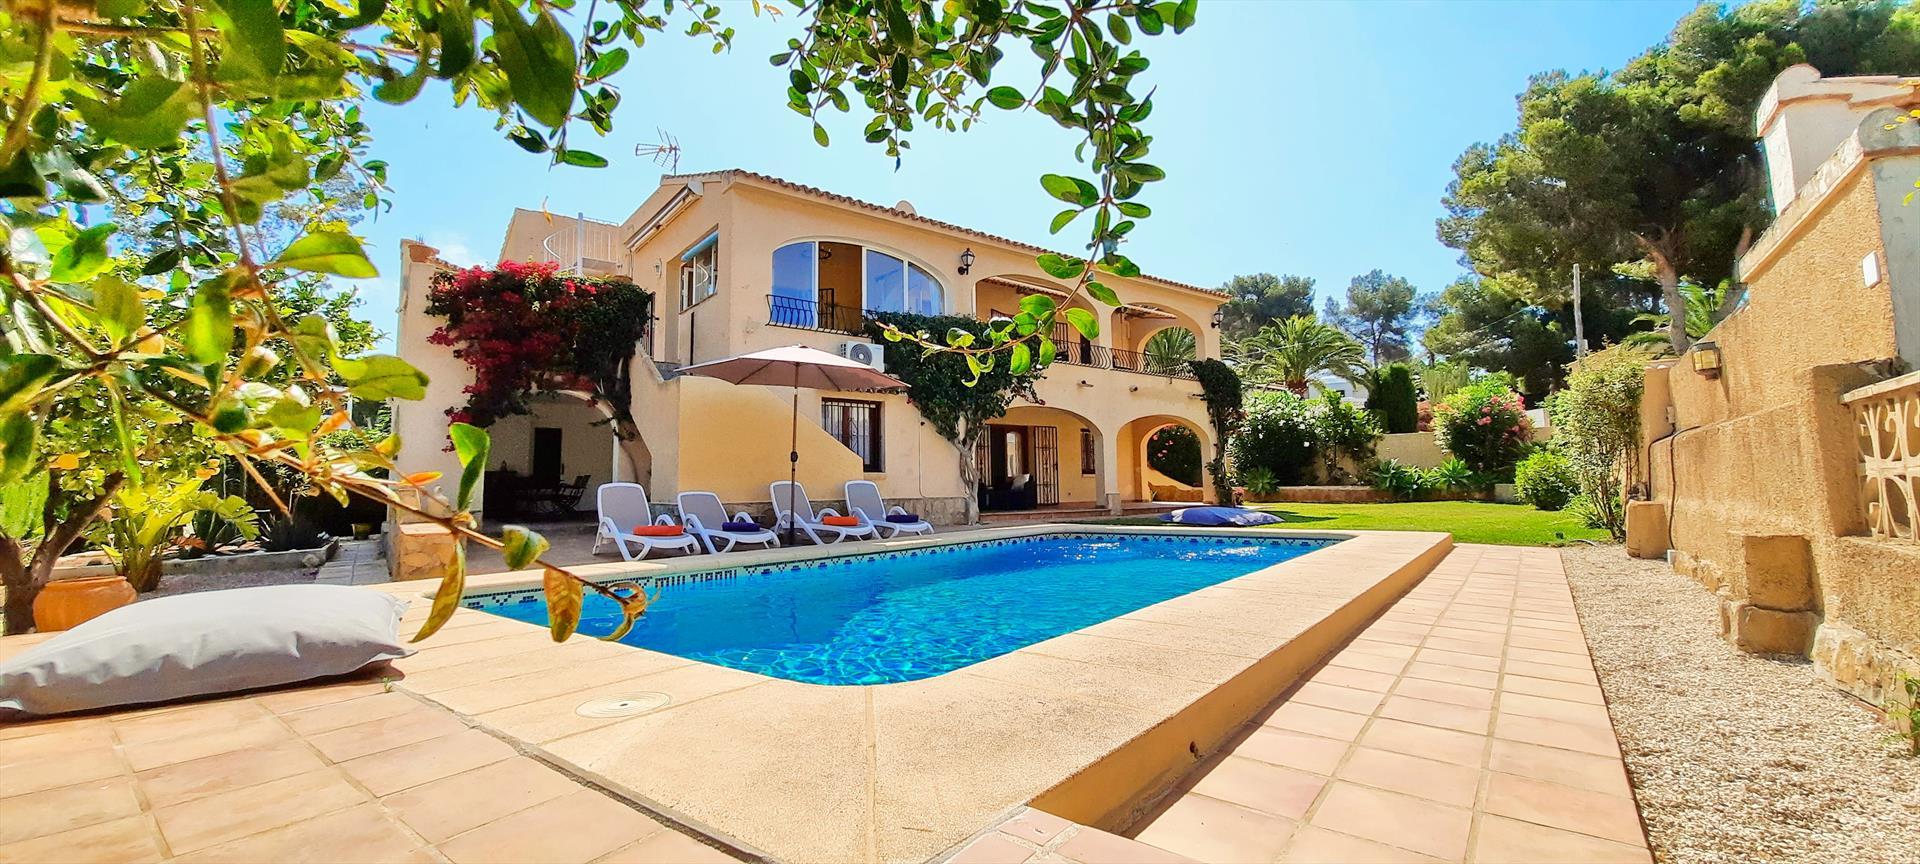 Villa Haleakala,Wunderschöne und gemütliche Villa in Moraira, an der Costa Blanca, Spanien  mit privatem Pool für 4 Personen.....